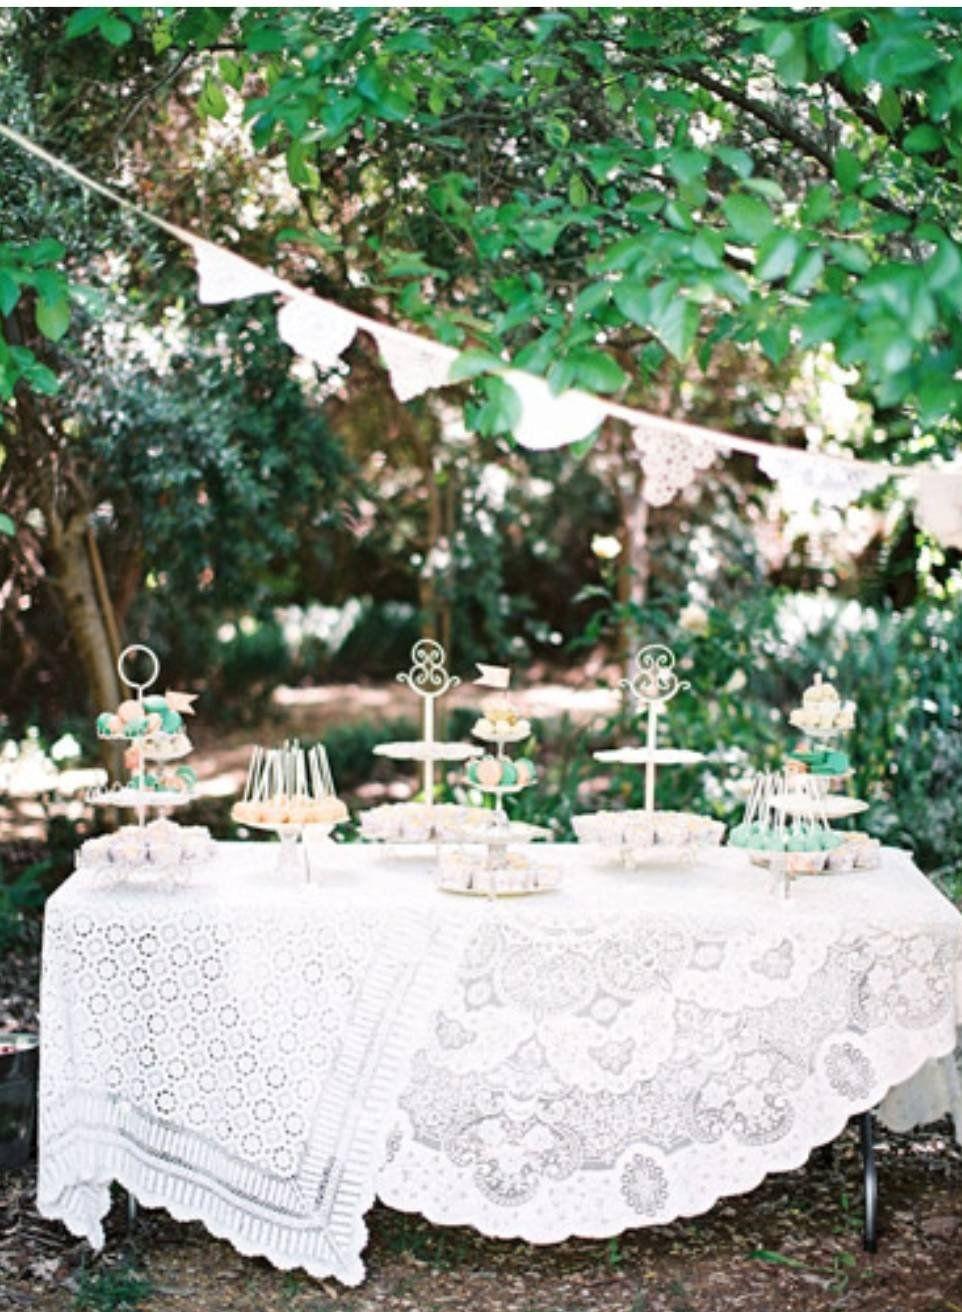 Lace Tablecloths Wedding Boho Celebration Table Cloth Etsy Lace Tablecloth Wedding Lace Tablecloth Wedding Decorations